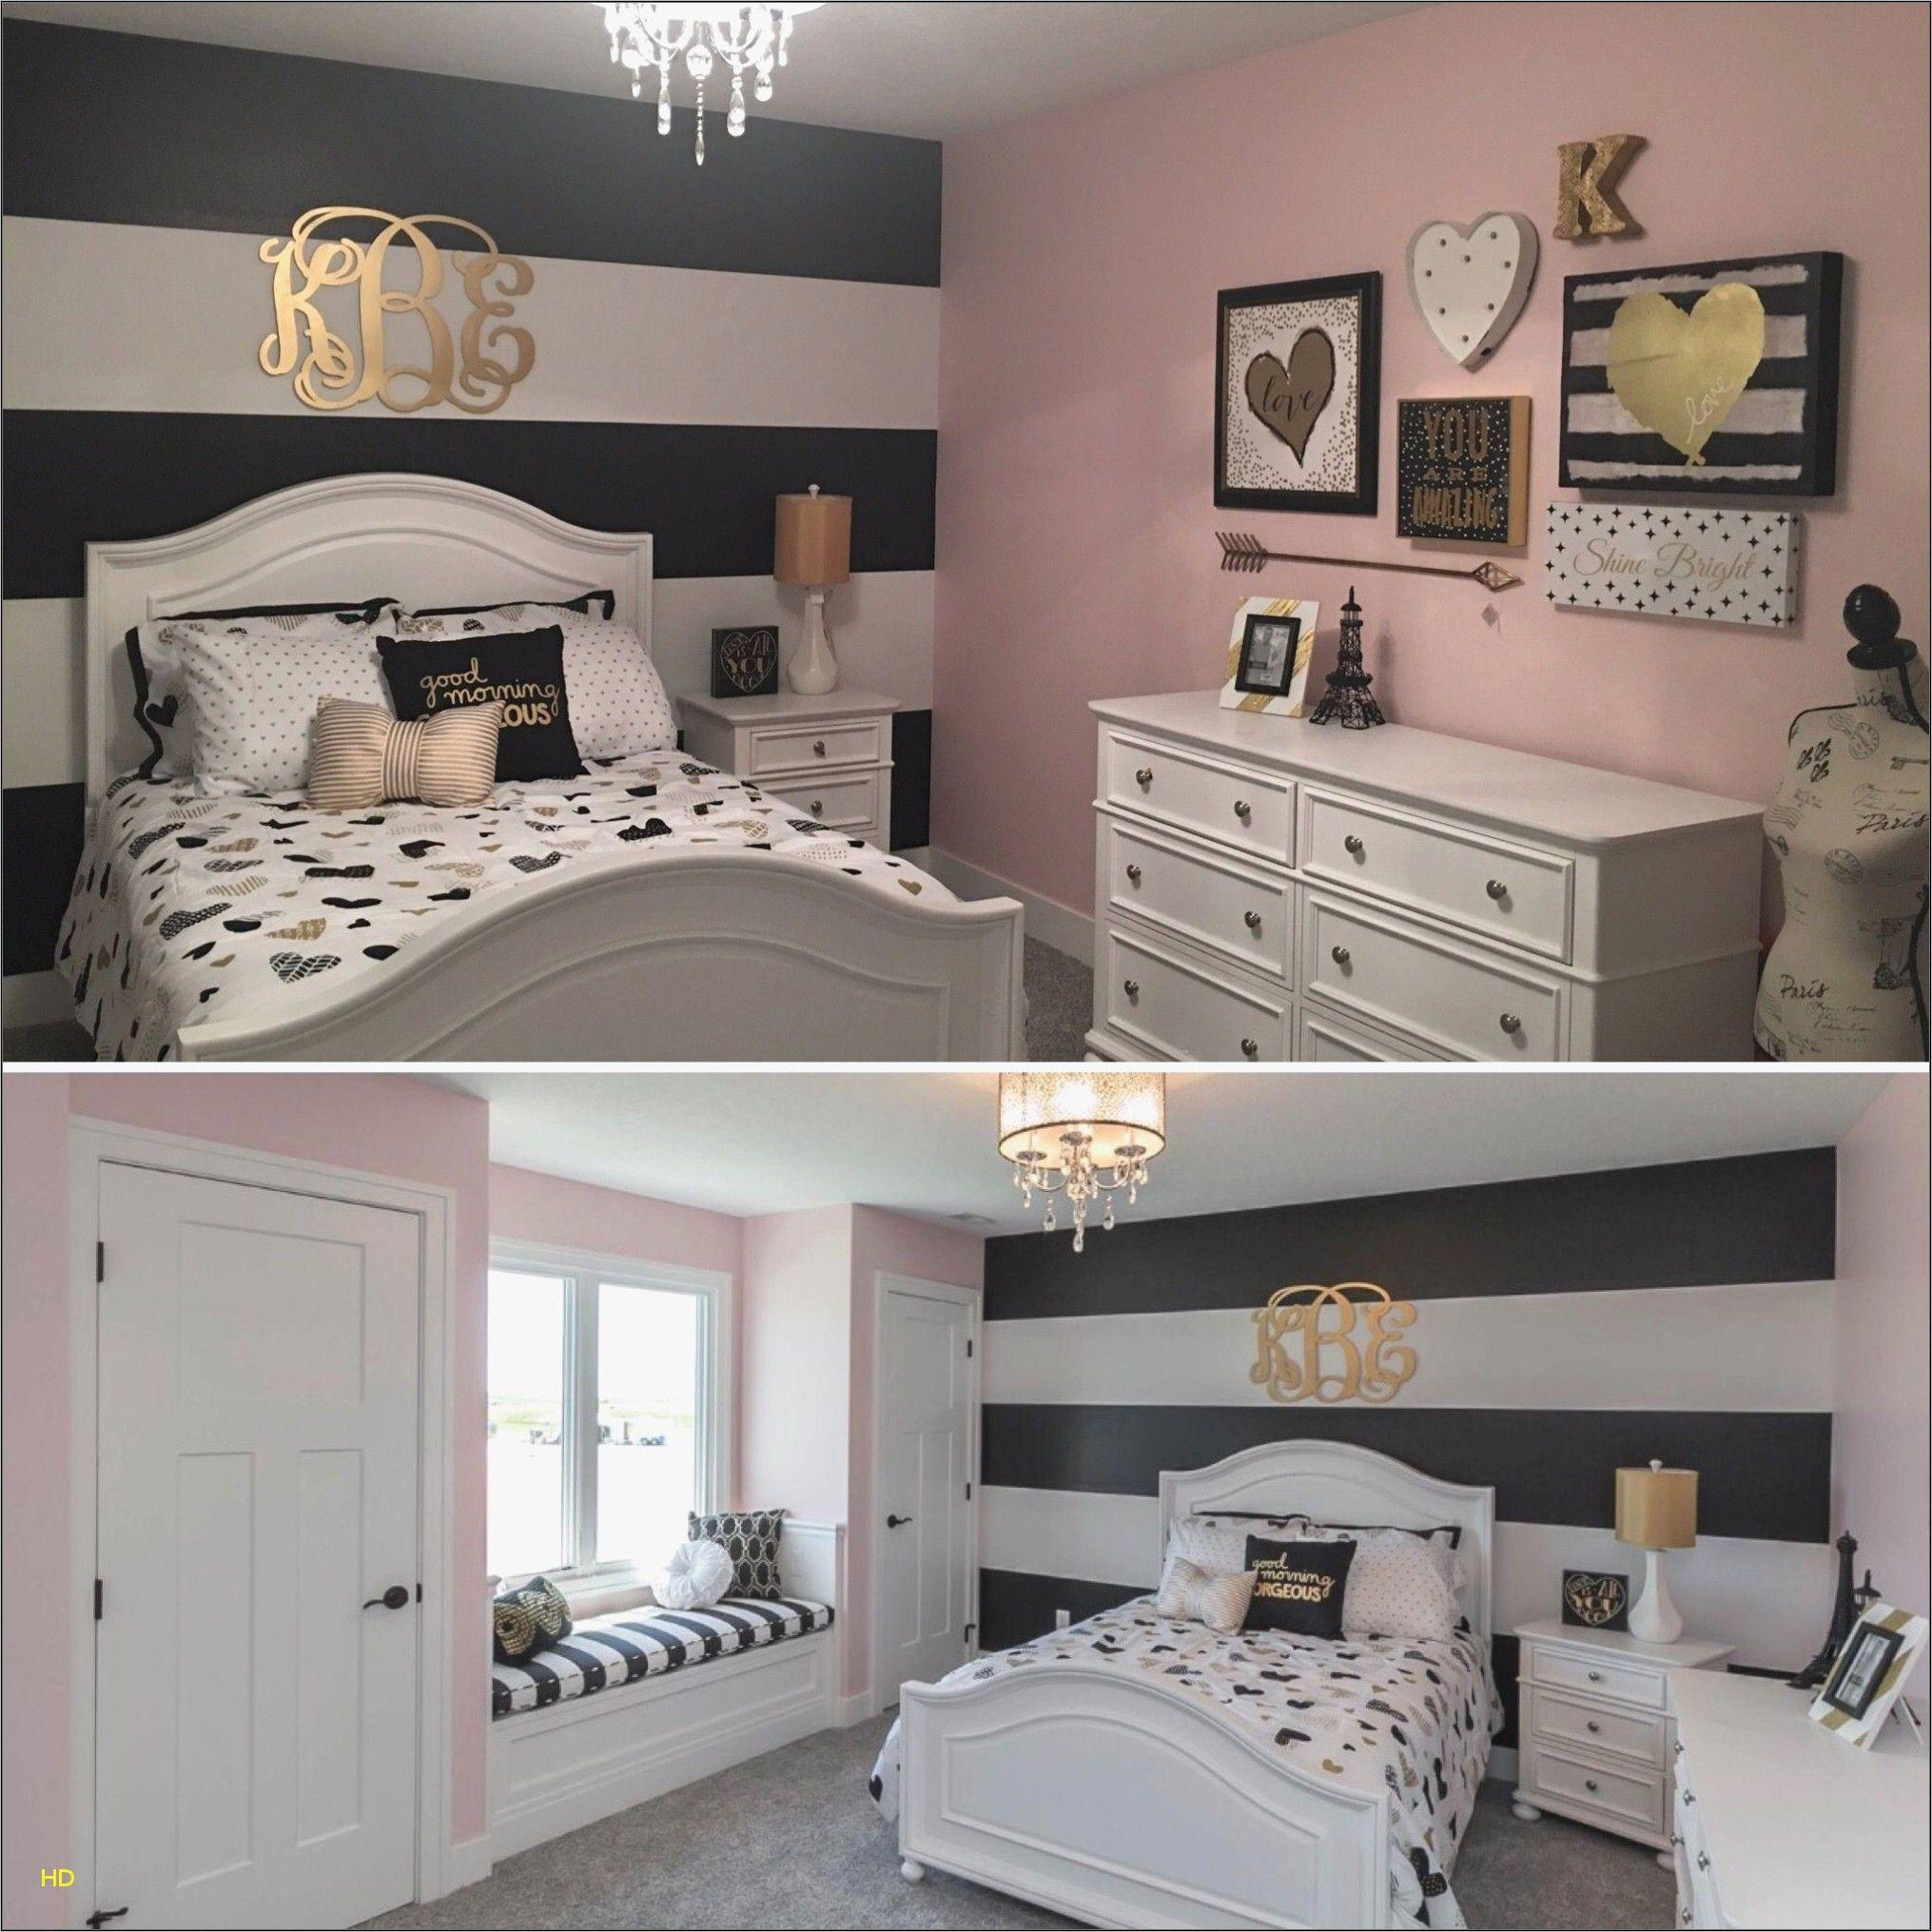 Idee De Deco Chambre Ado   Blaugrünes schlafzimmer dekor, Goldenes ...